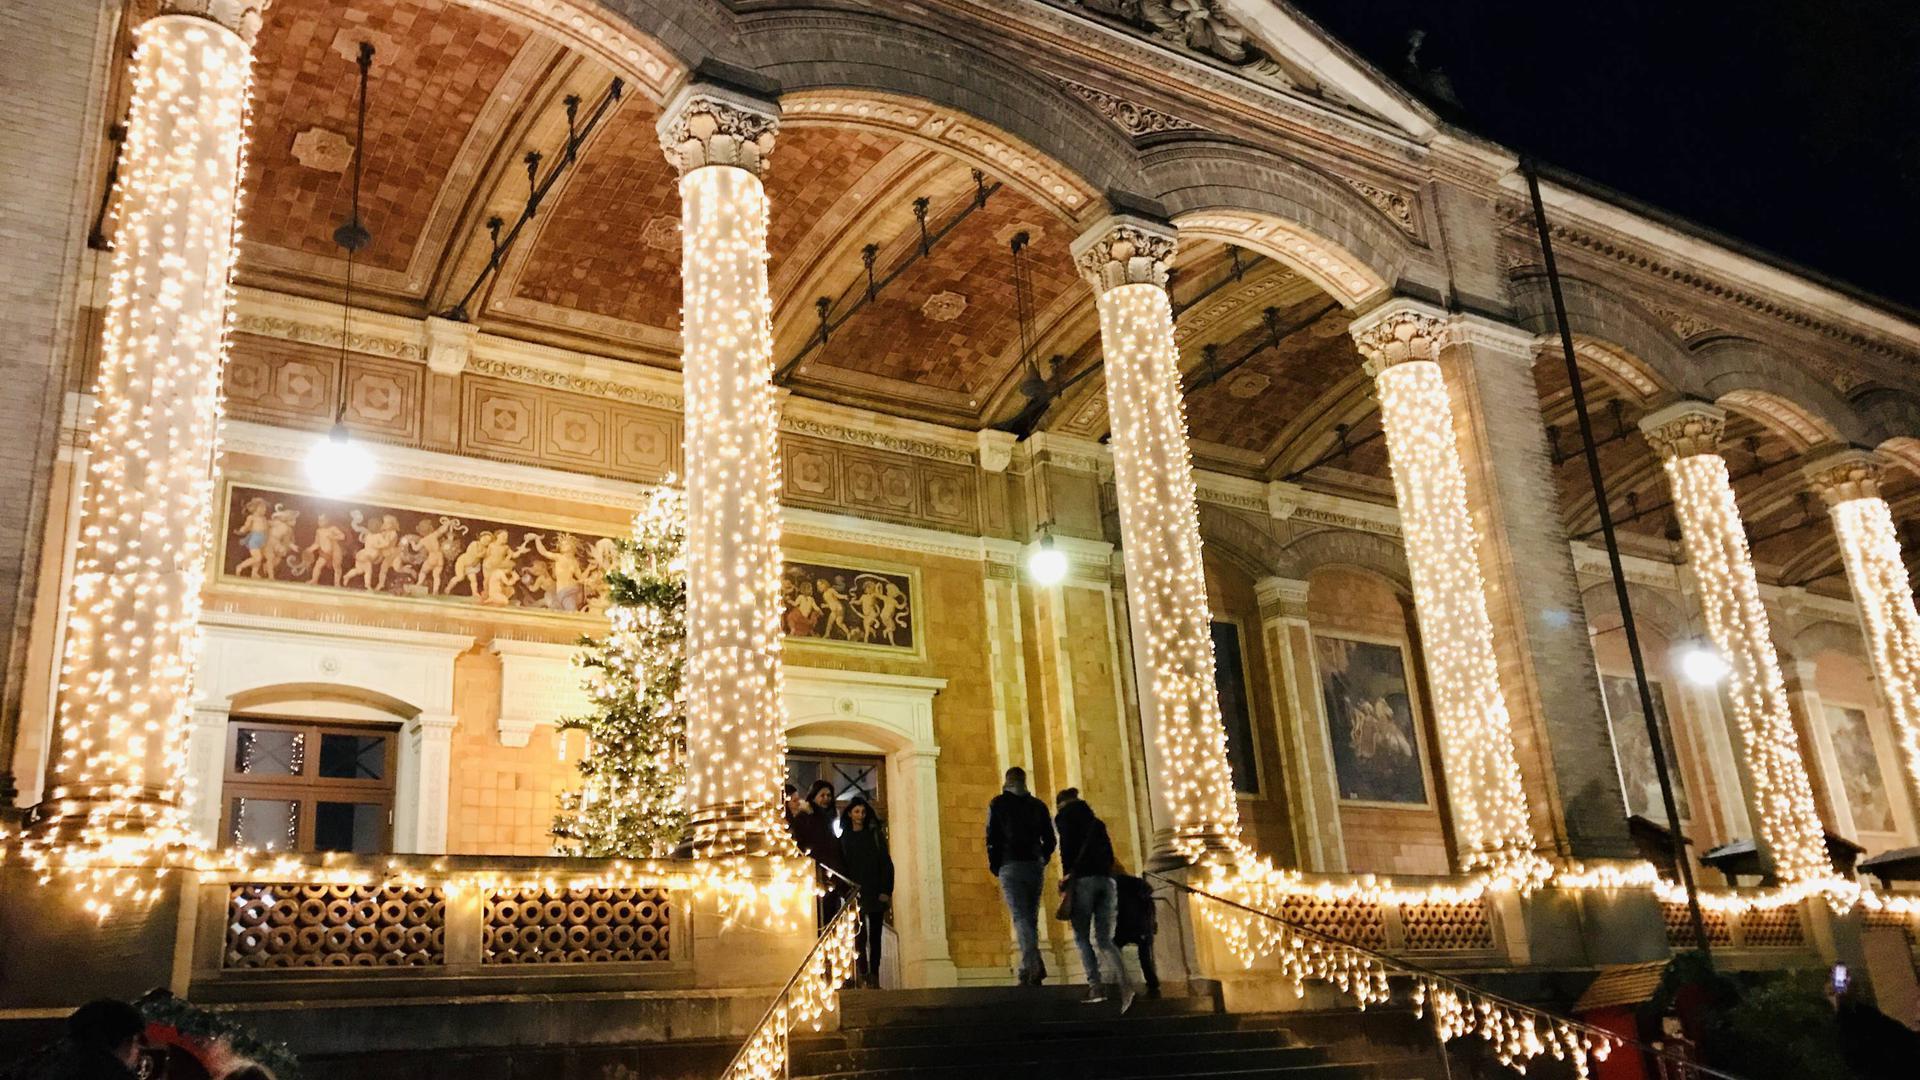 Die Trinkhalle in Baden-Baden ist während des Weihnachtsmarkts beleuchtet.